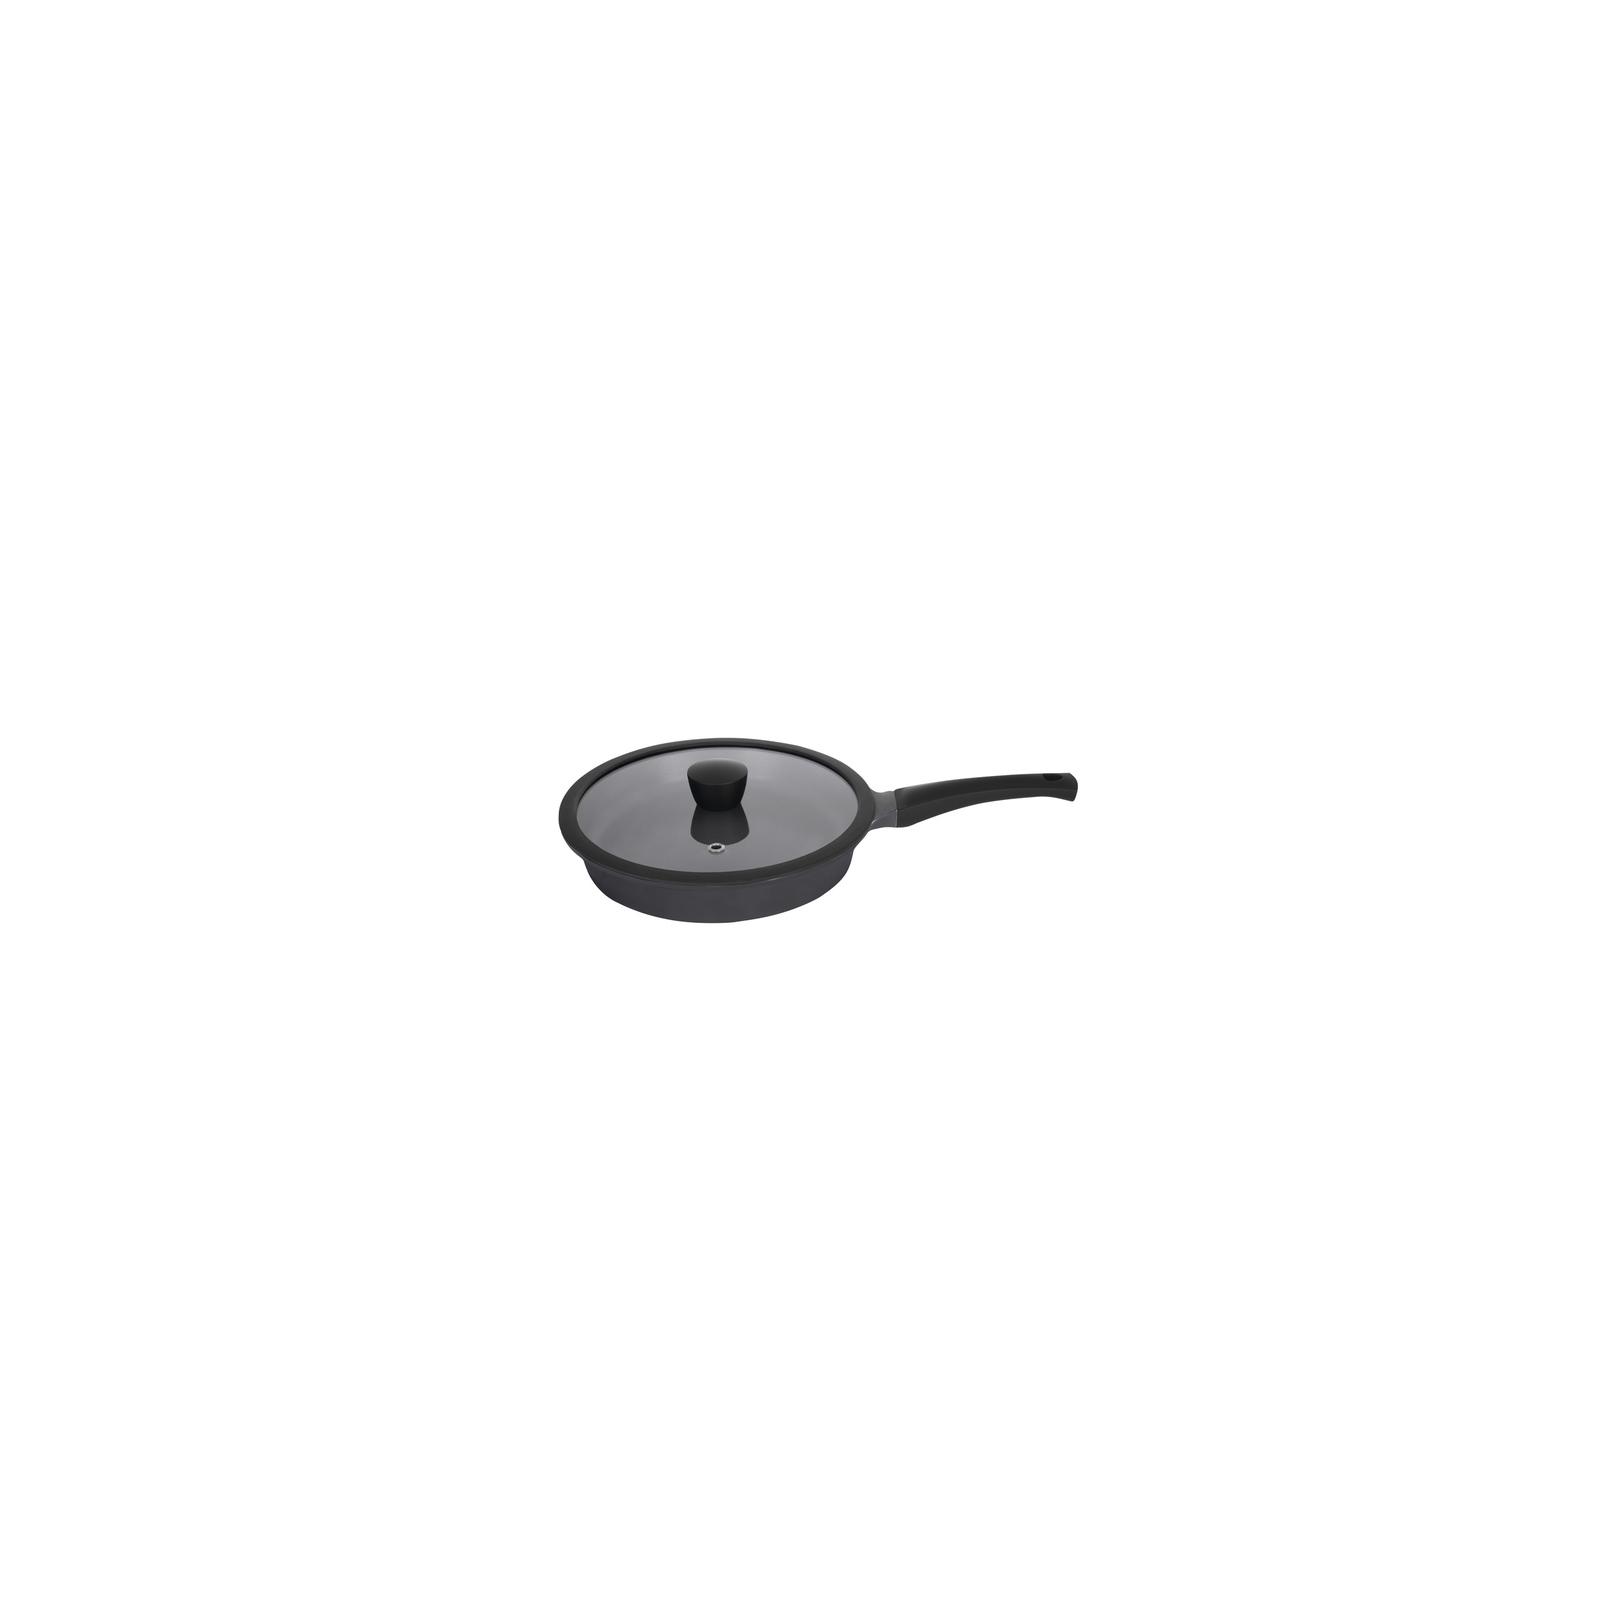 Сковорода Ringel Zitrone black с крышкой 28 см (RG-2108-28 BL) изображение 2